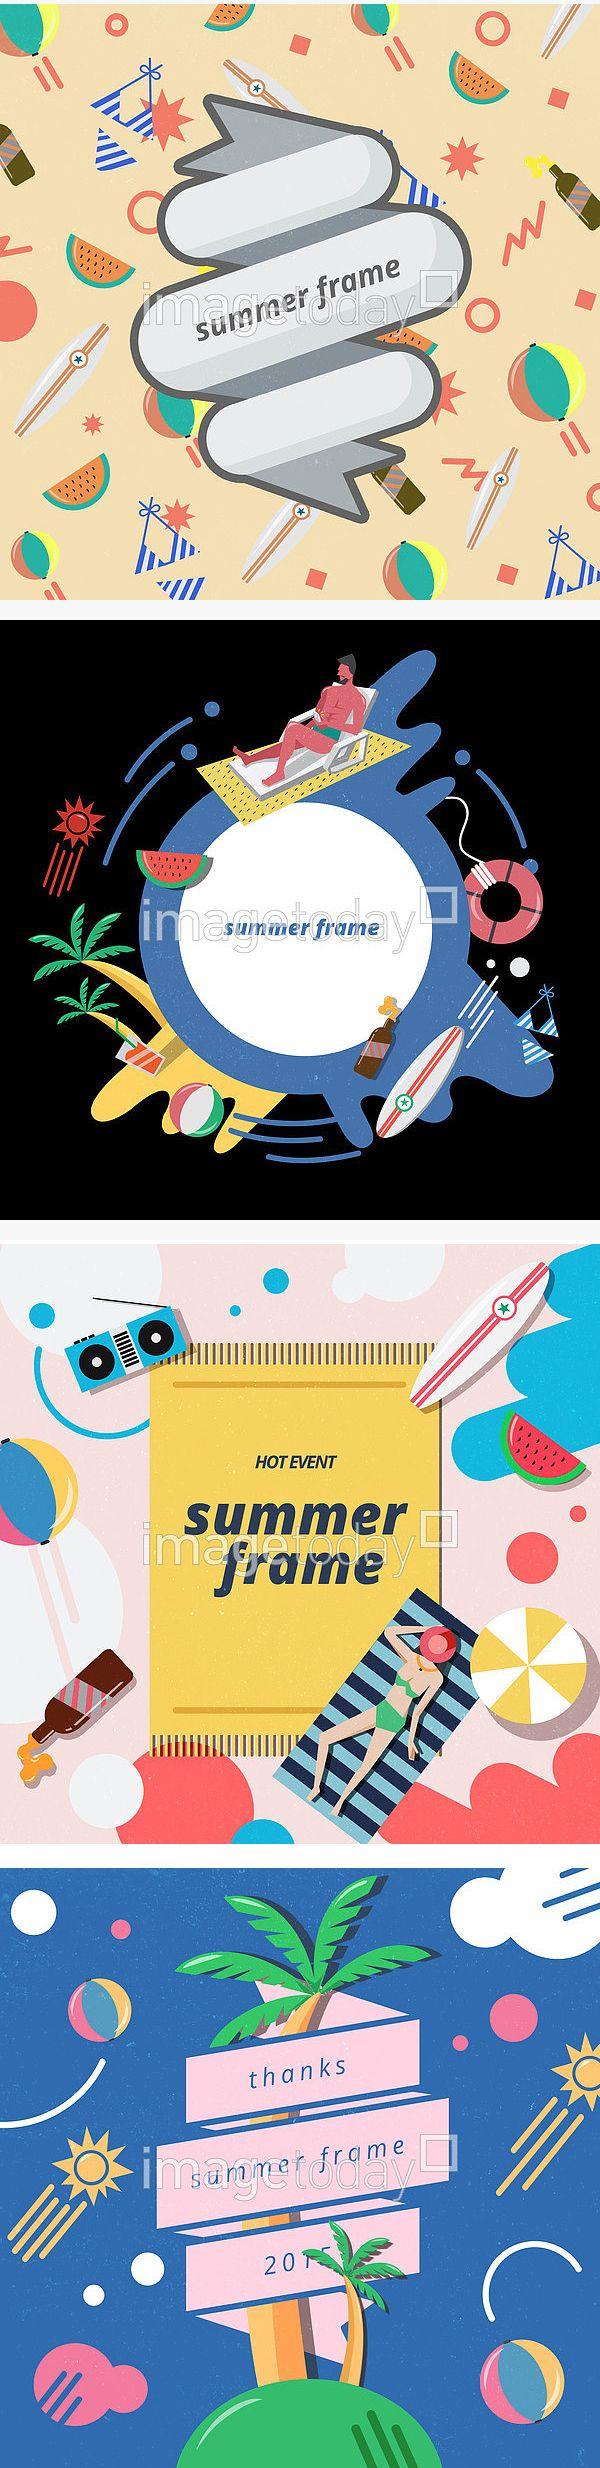 일러스트 PSD 계절 공 리본 맥주 백그라운드 비키니 빈티지 서핑보드 선베드 수박 여름 여름방학 여행 영어 야자수 엘리먼트 카피스페이스 컨셉…